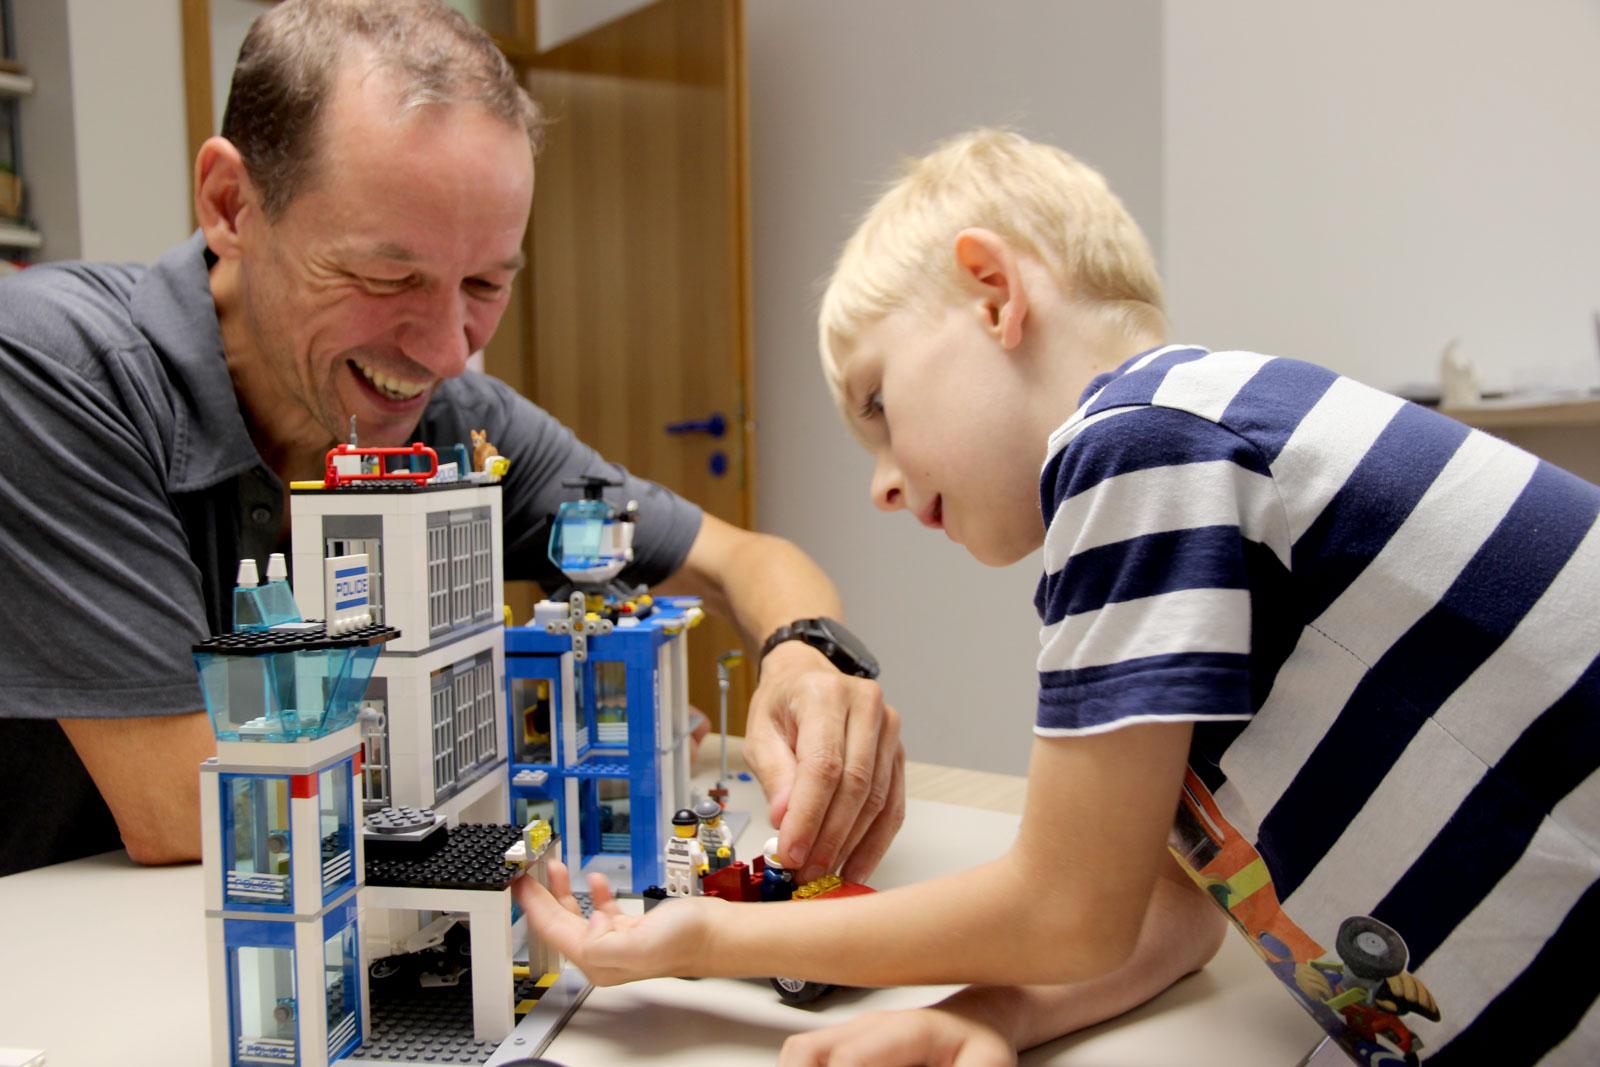 Mit Freude lernen: Mit Begeisterung bringt sich Tim ins Spiel ein. Durch verschied. Impulse weist Diplomsozialpädagoge Bernd Mirbach Tims Spiel.